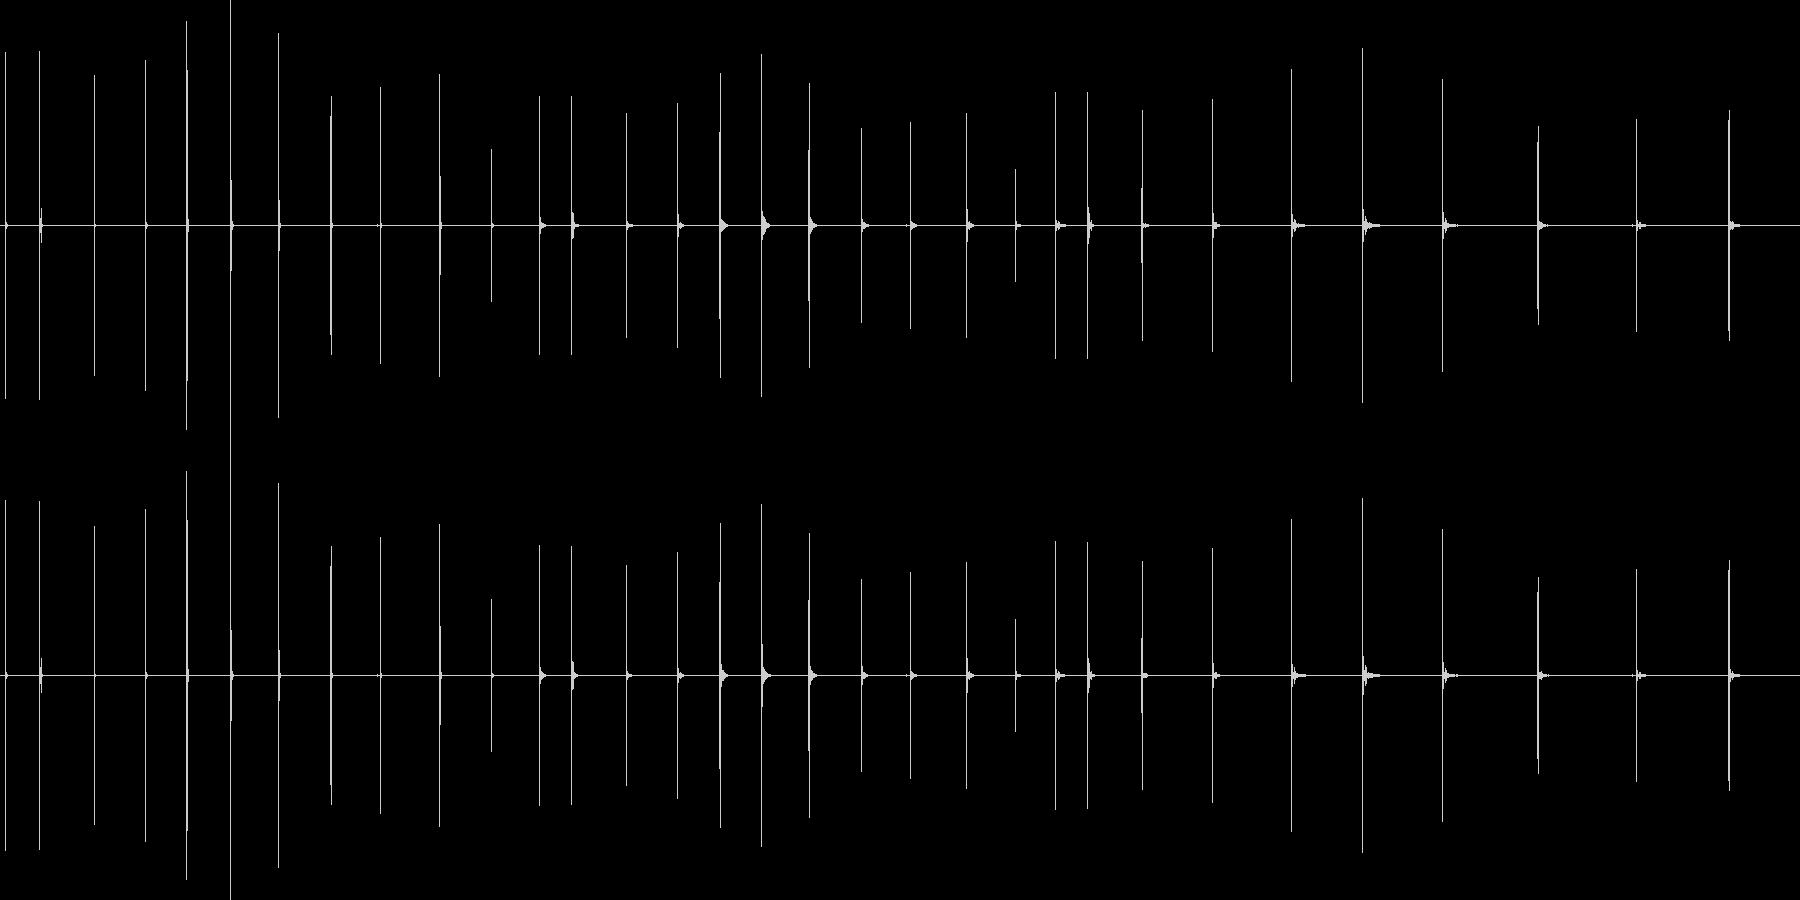 スイッチ、壁スイッチ、11バージョ...の未再生の波形